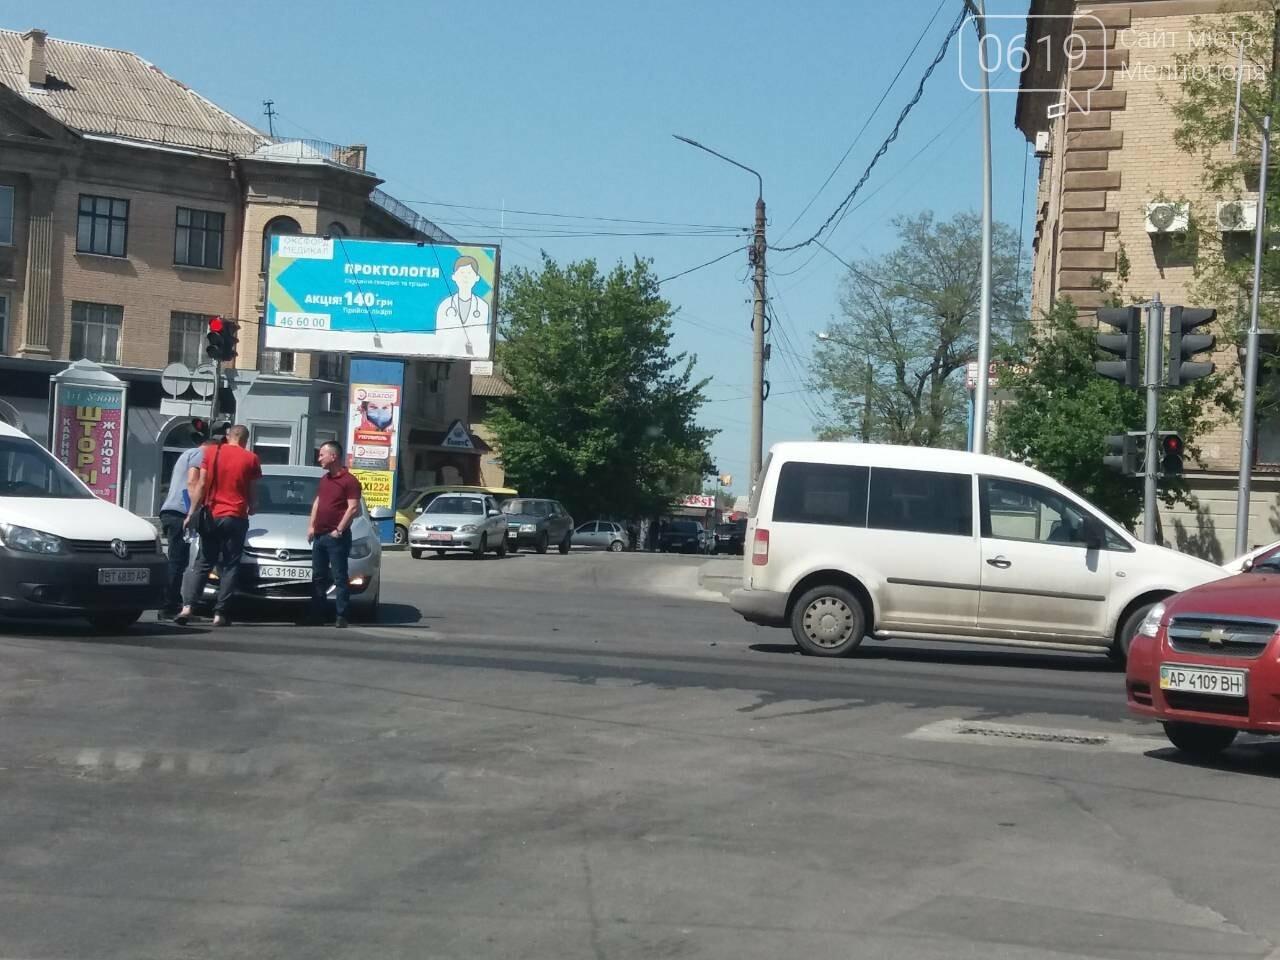 В Мелитополе столкнулись Volkswagen и Opel, - ФОТО, фото-5, Фото сайта 0619